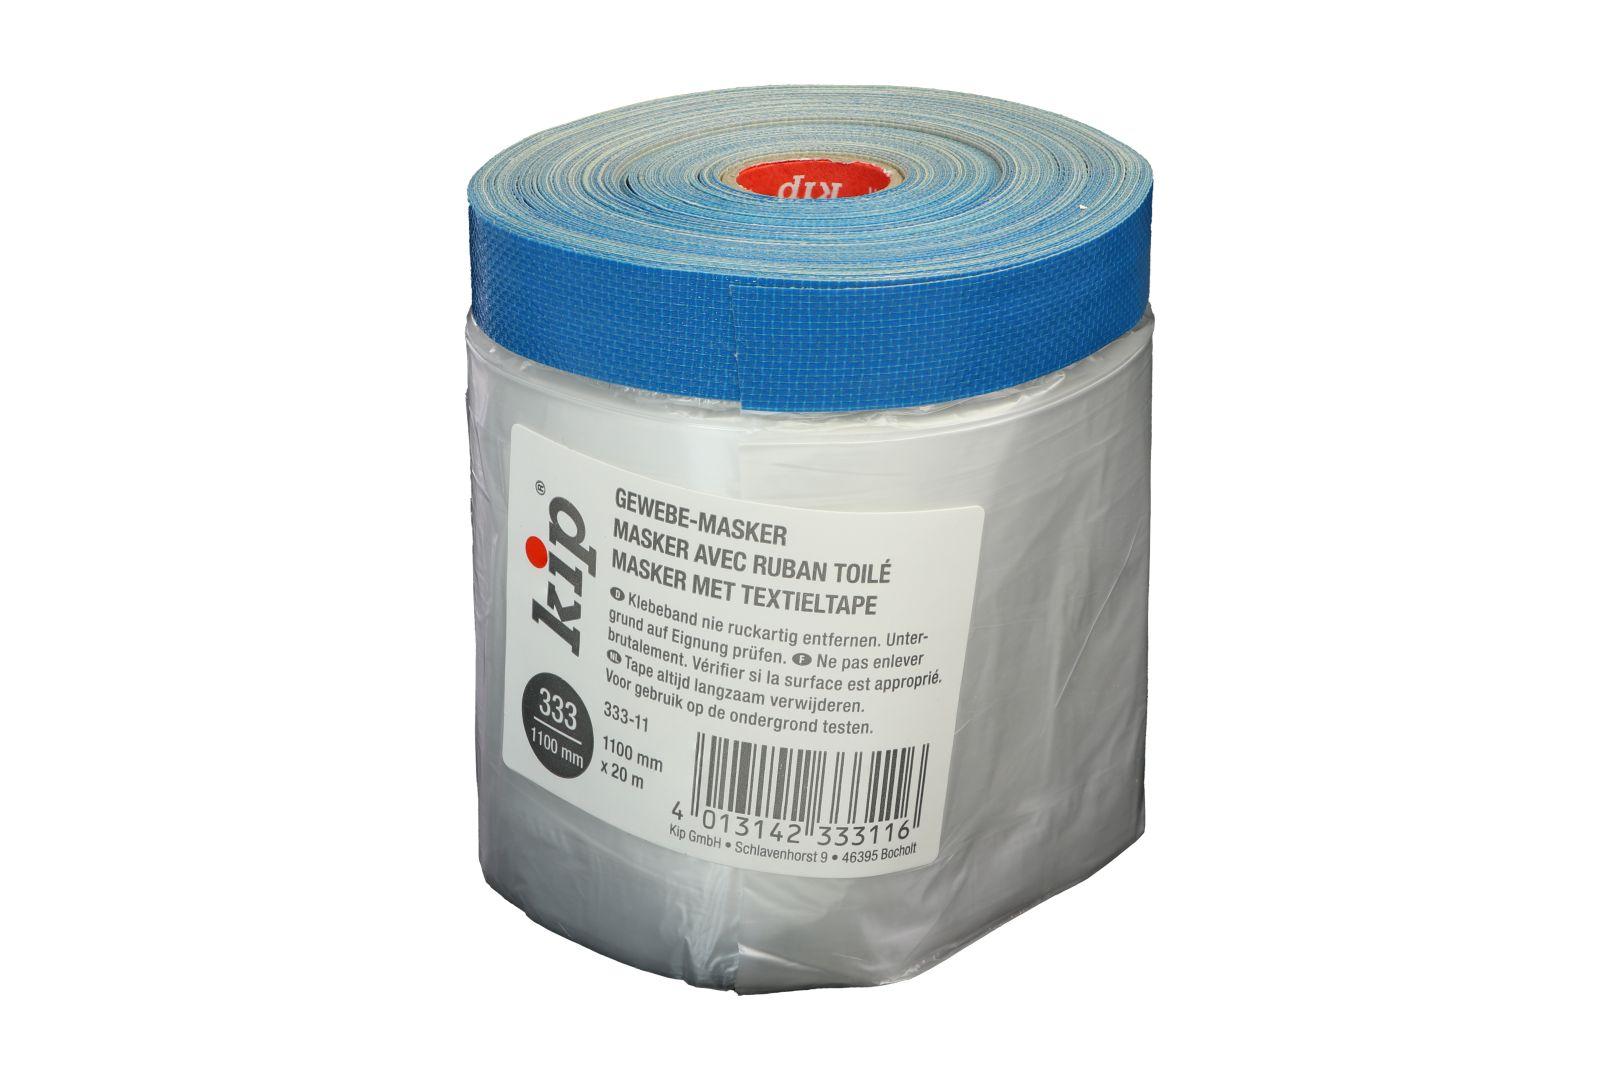 KIP 333-11 Gewebemasker, Premium Gewebeband, blau, 1.100 mm x 20 m